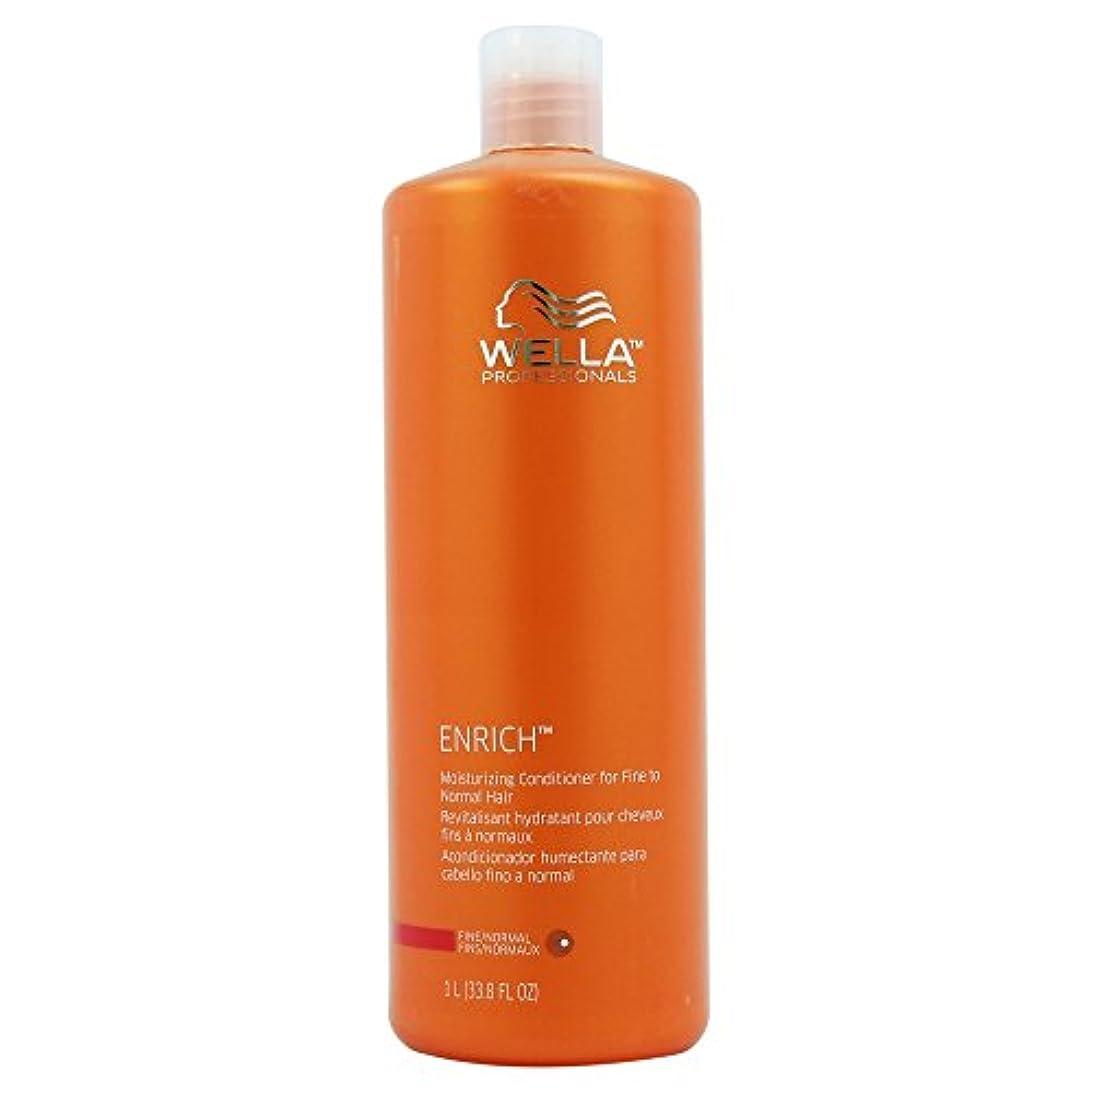 抵当ハリウッド胚芽Wella Enriched Moisturizing Conditioner for Fine To Normal Hair for Unisex, 33.8 Ounce by Wella